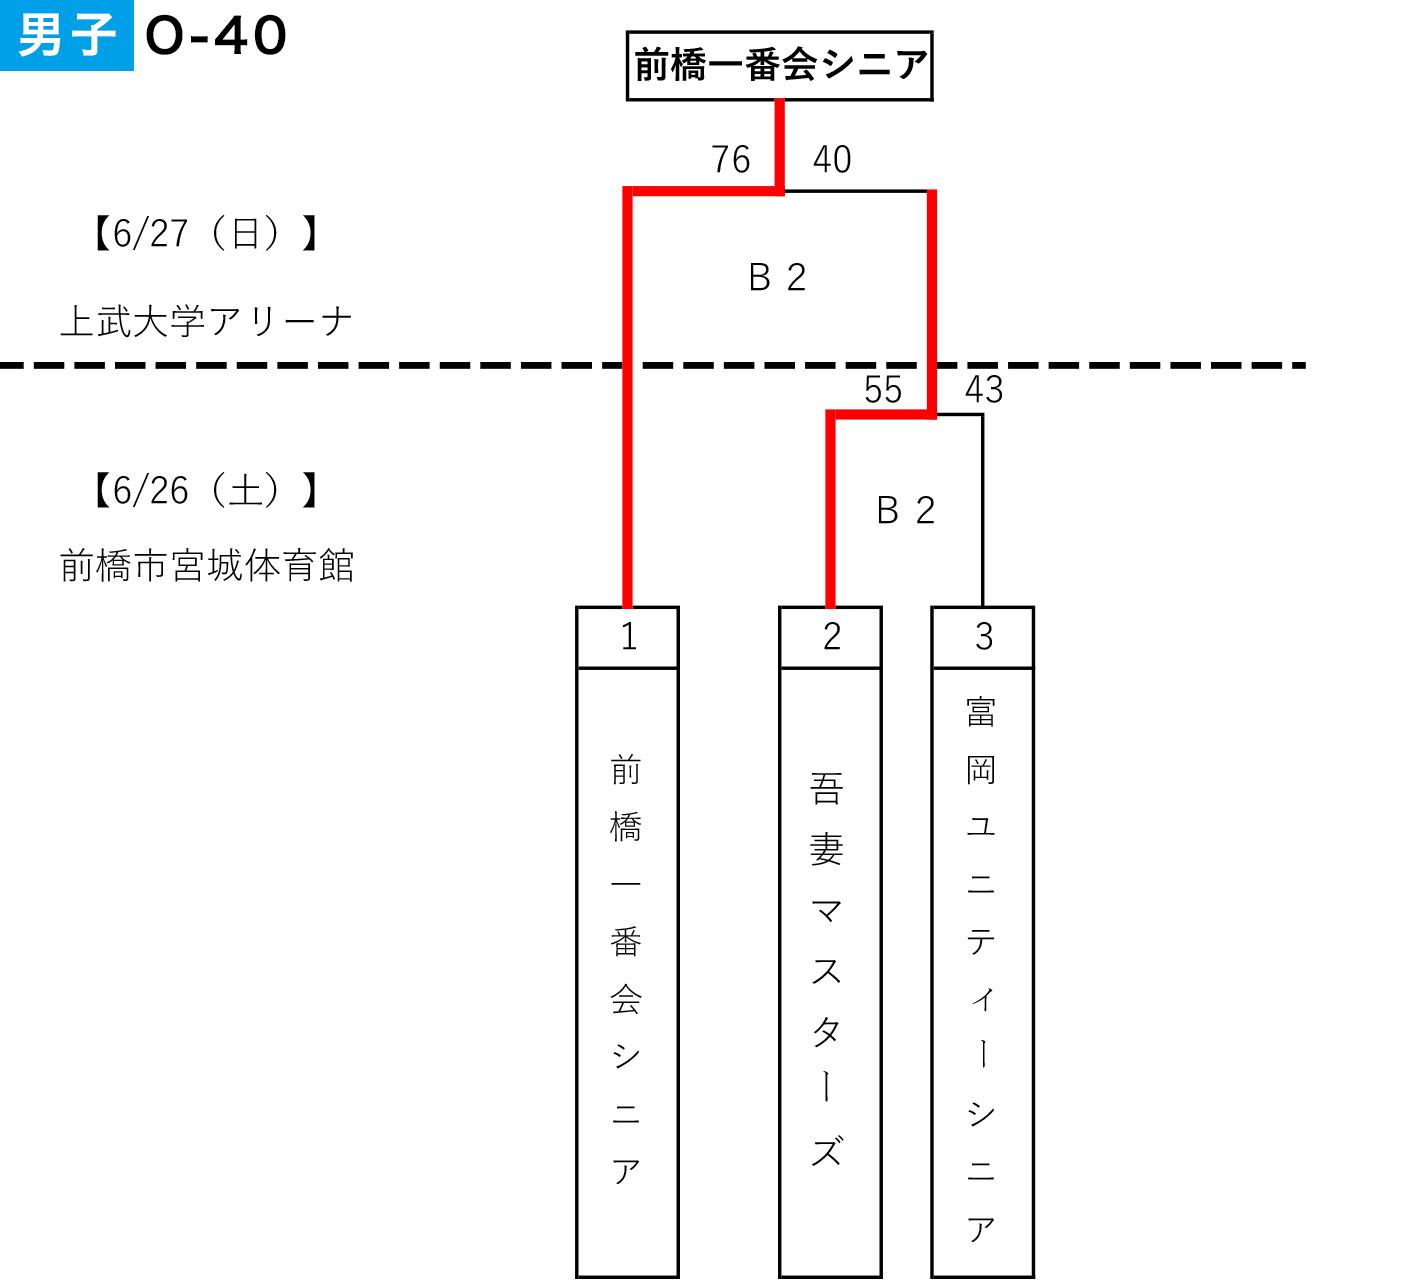 2021年度 第4回 全日本社会人0-40選手権予選 - 大会結果